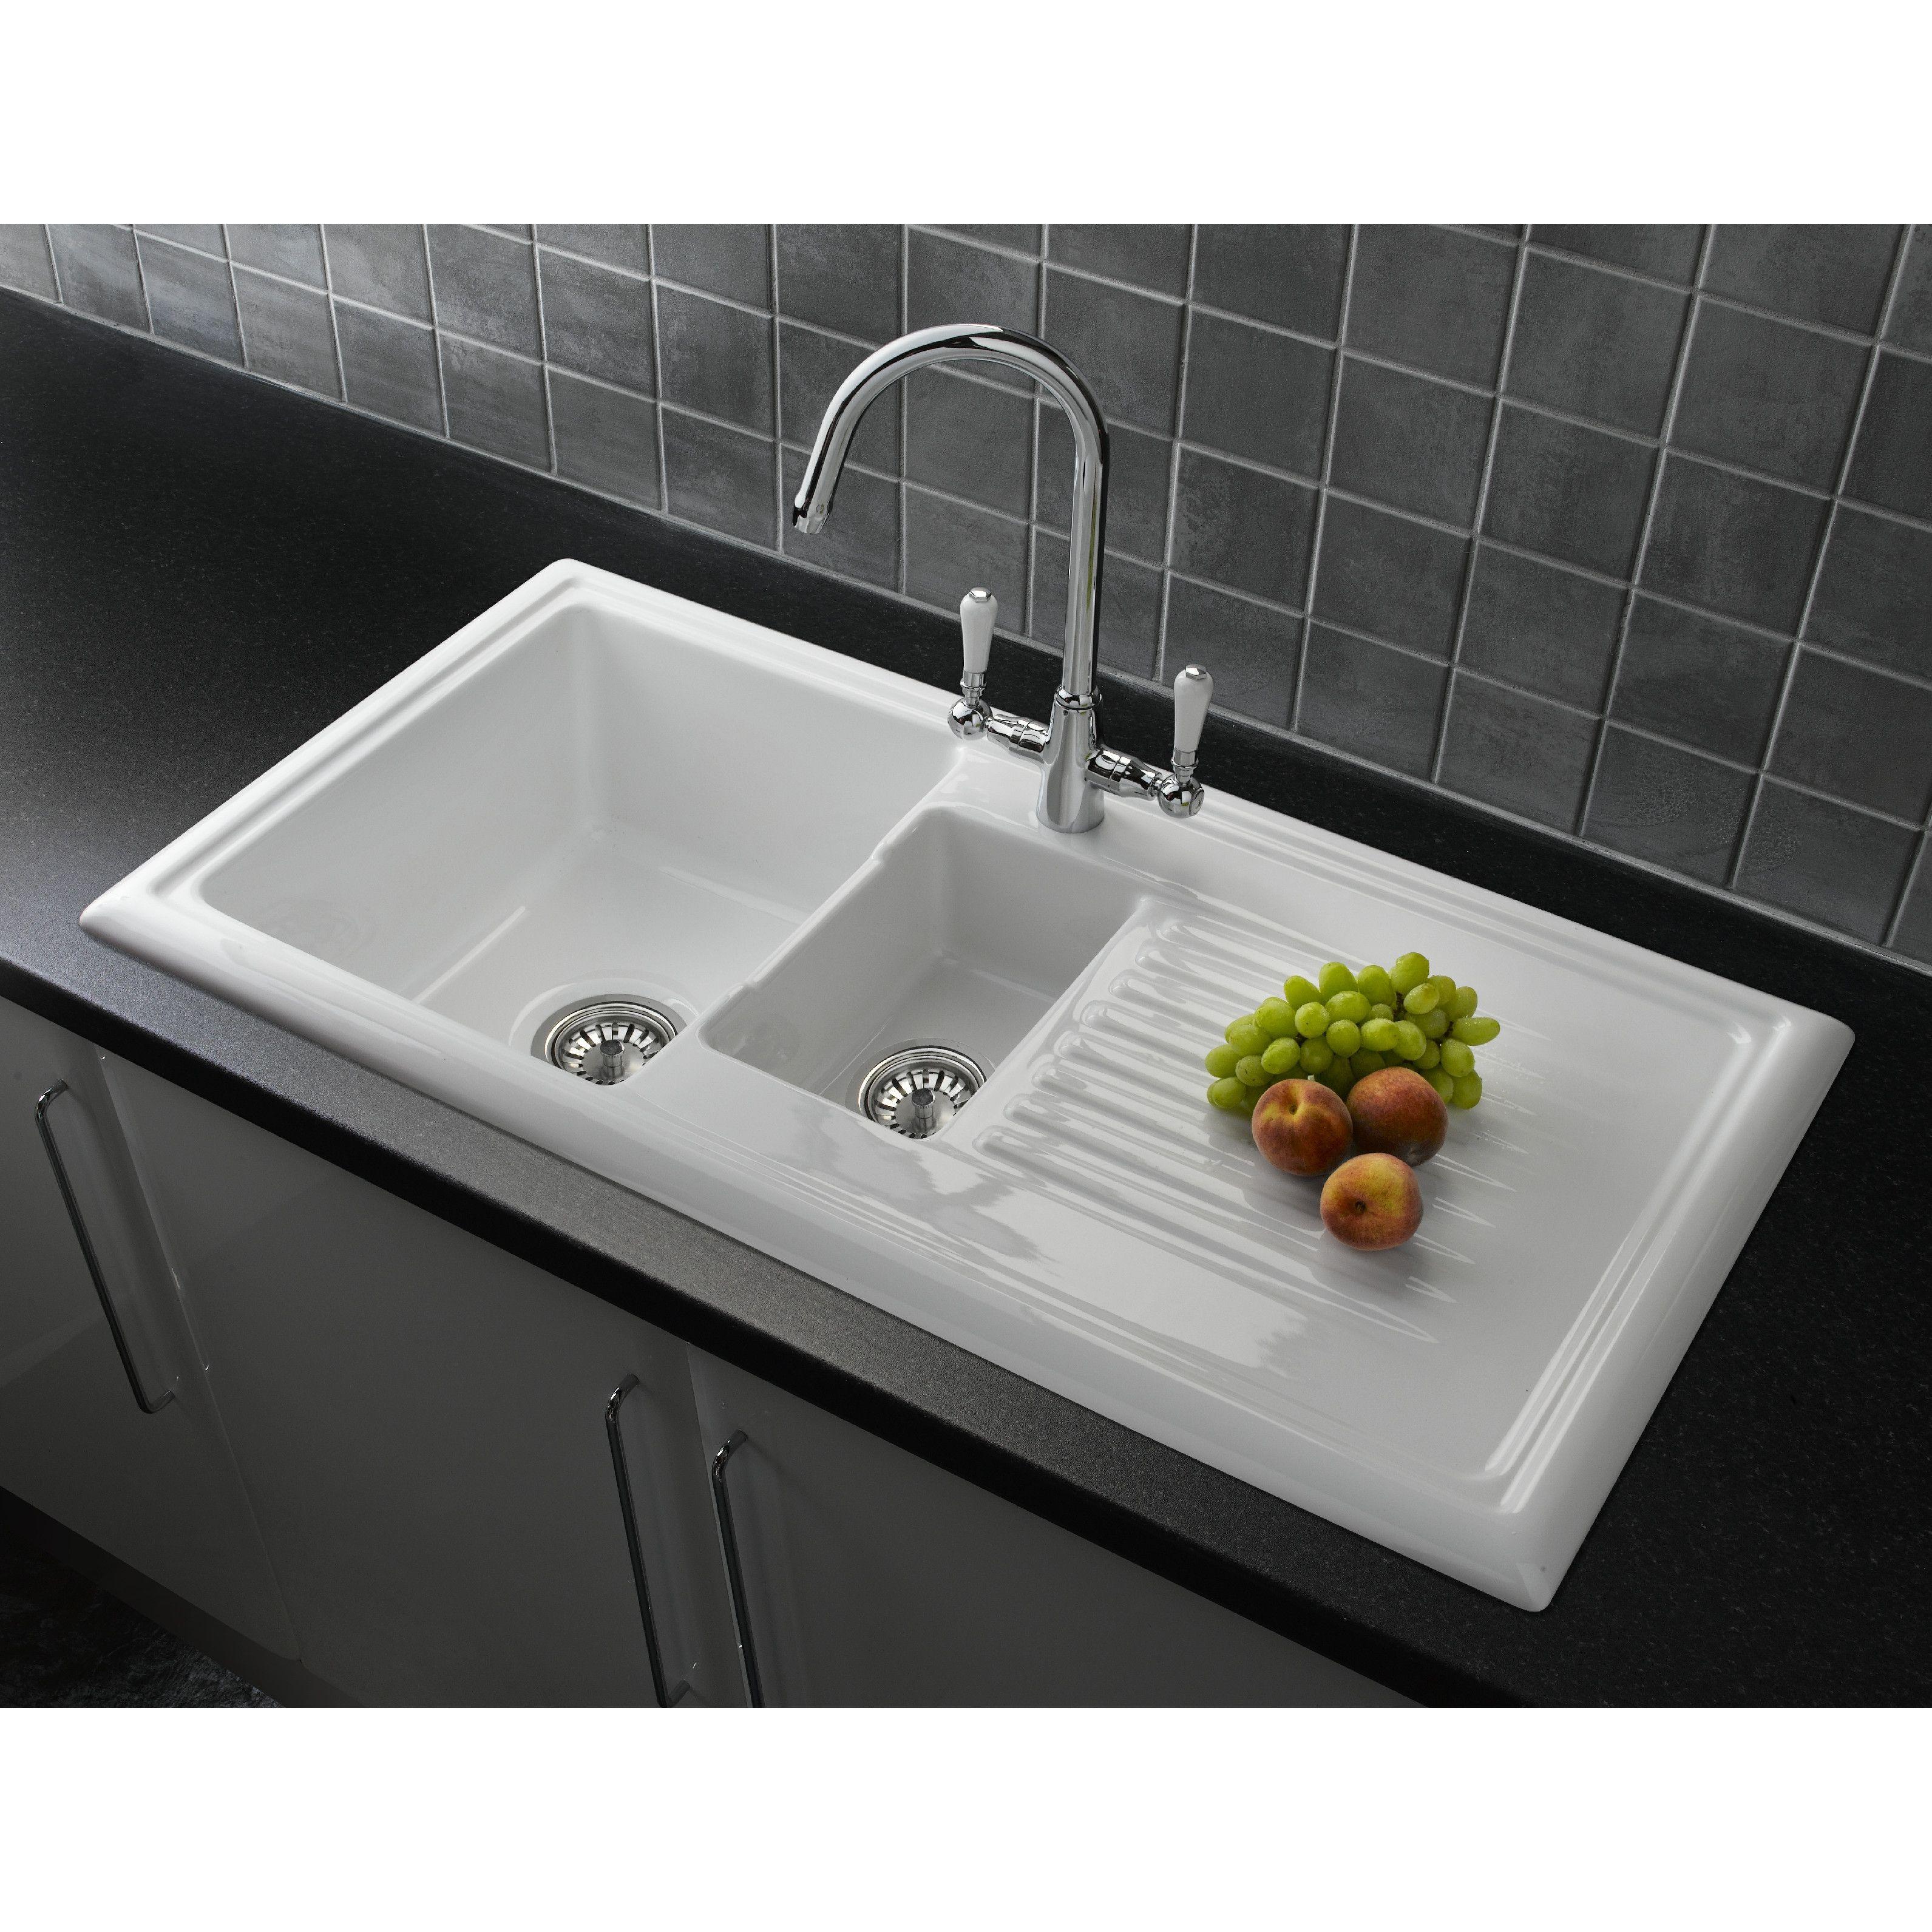 Reginox 101cm x 52.5cm Bowl Inset Kitchen Sink with Waste & Reviews ...